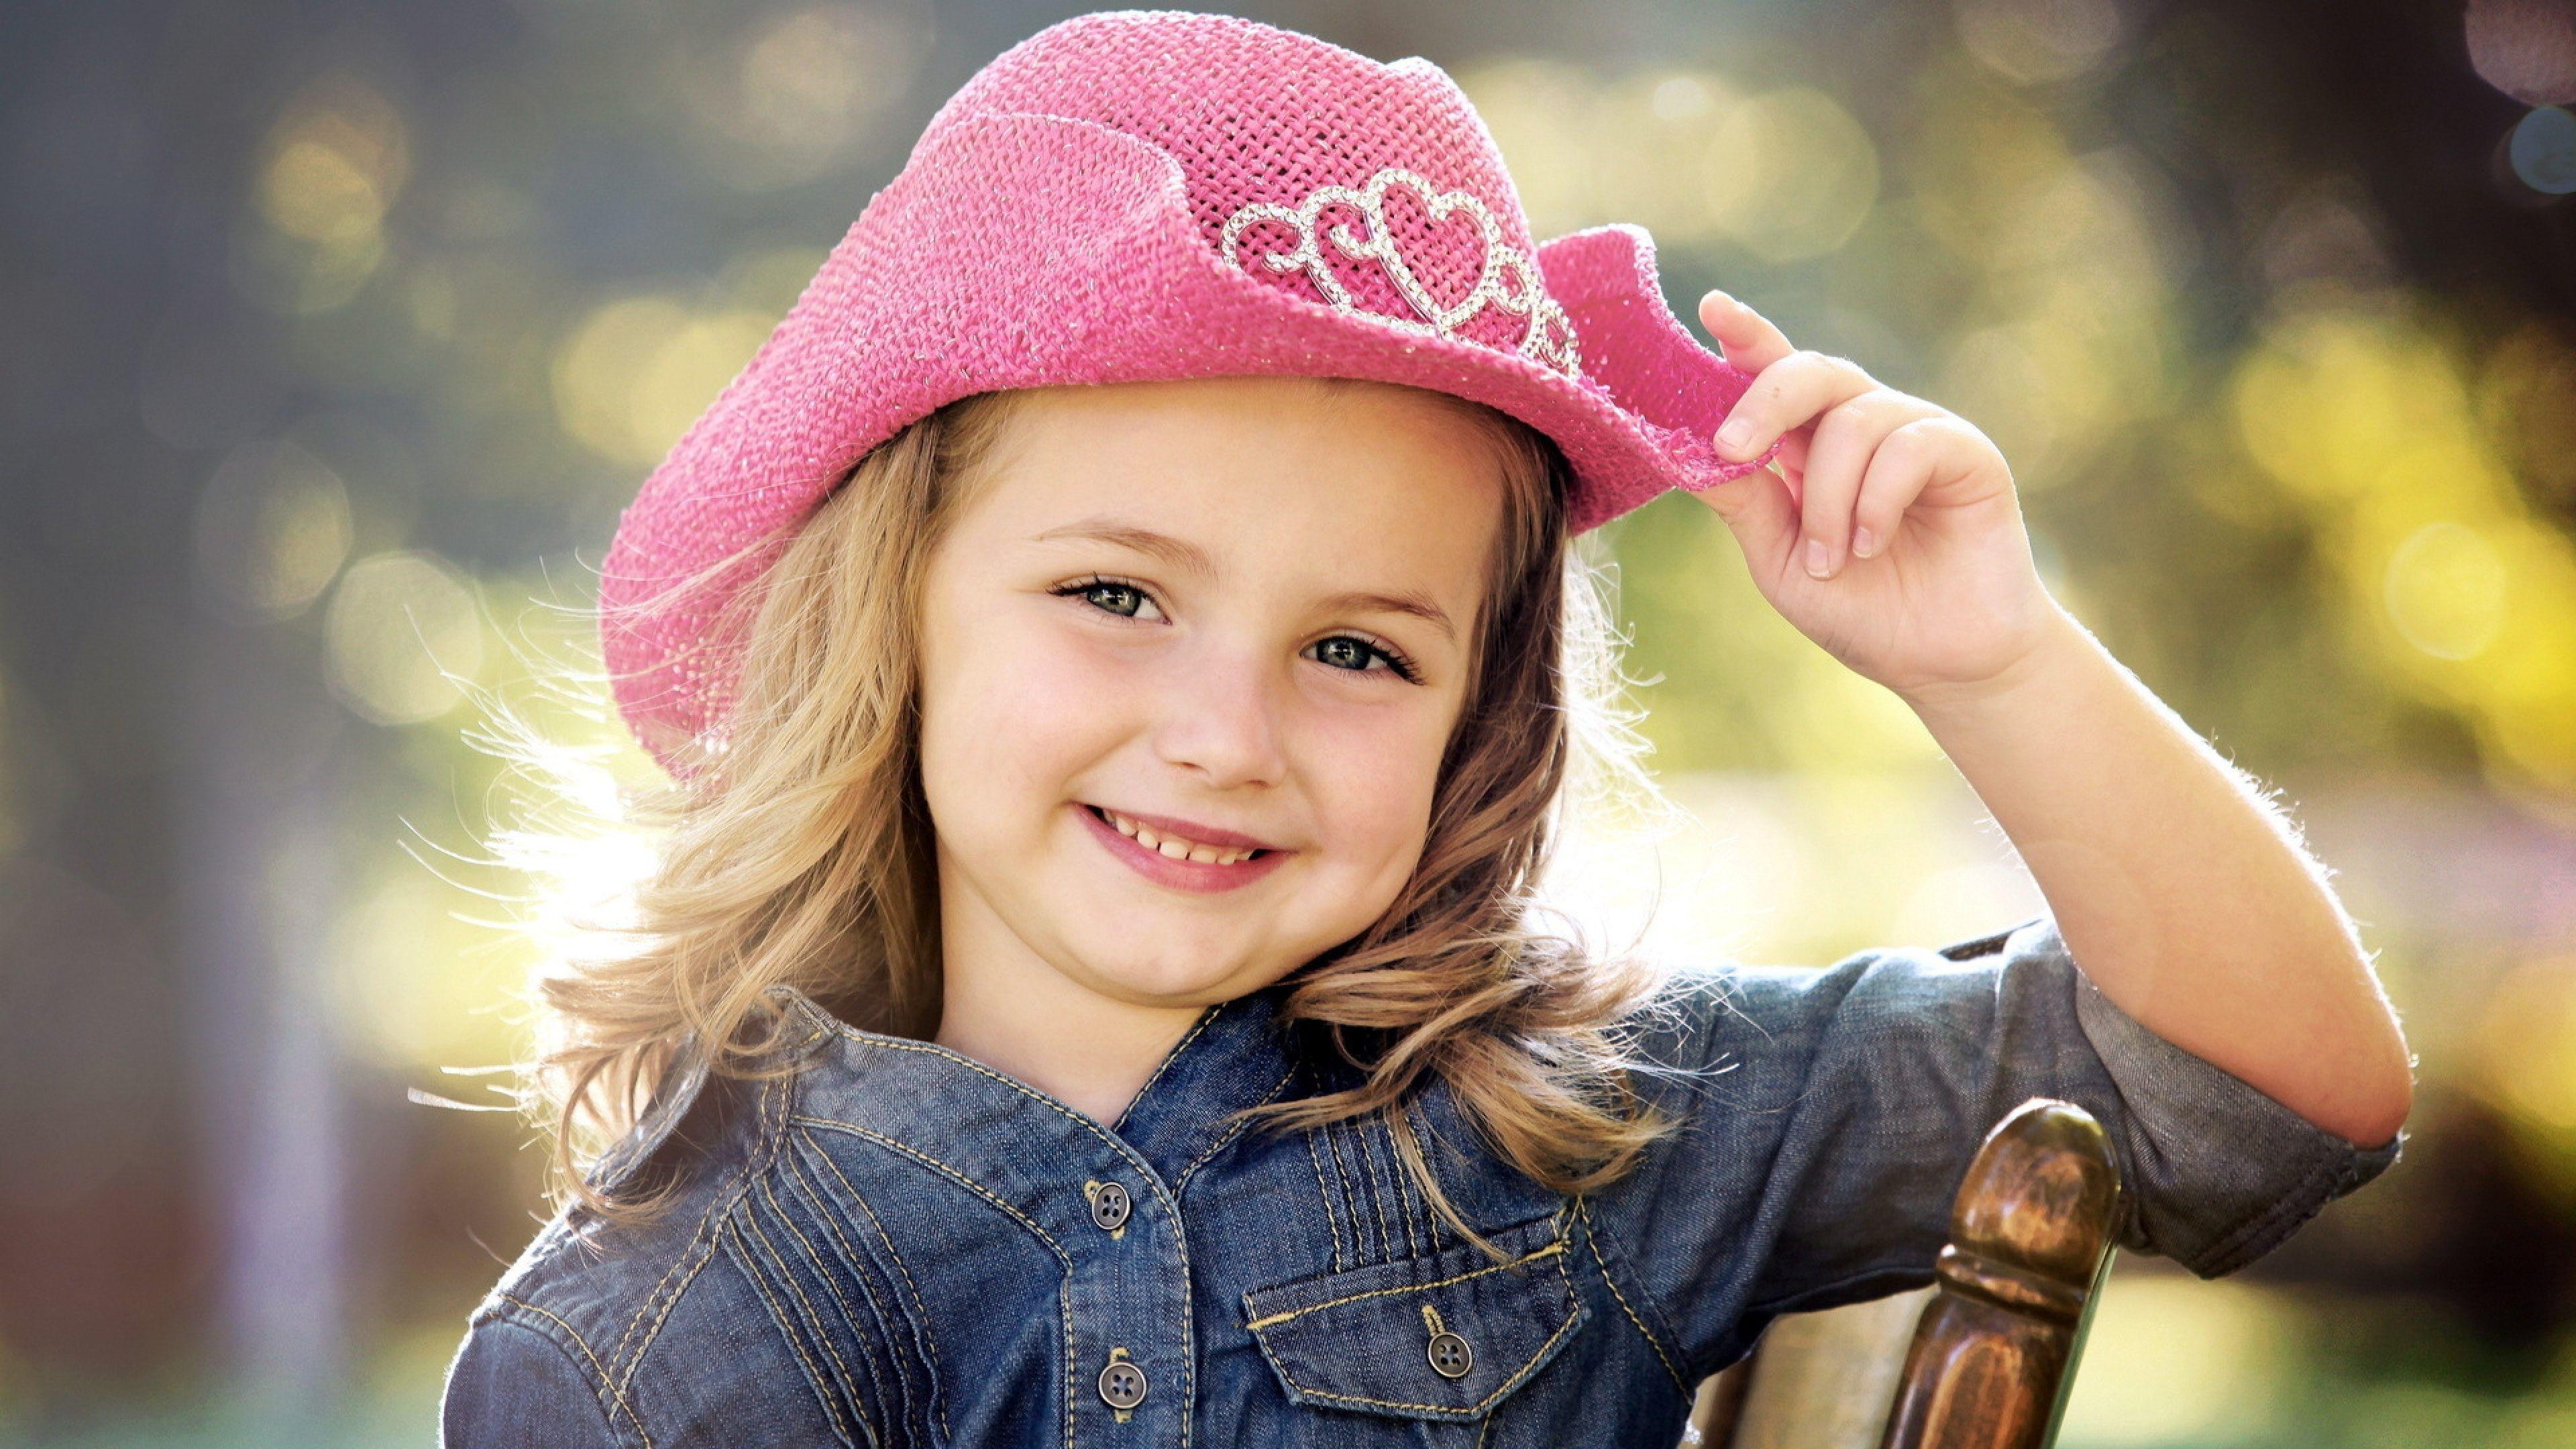 कैंसर से पीड़ित एक छोटी बच्ची की  इमोशनल  कहानी